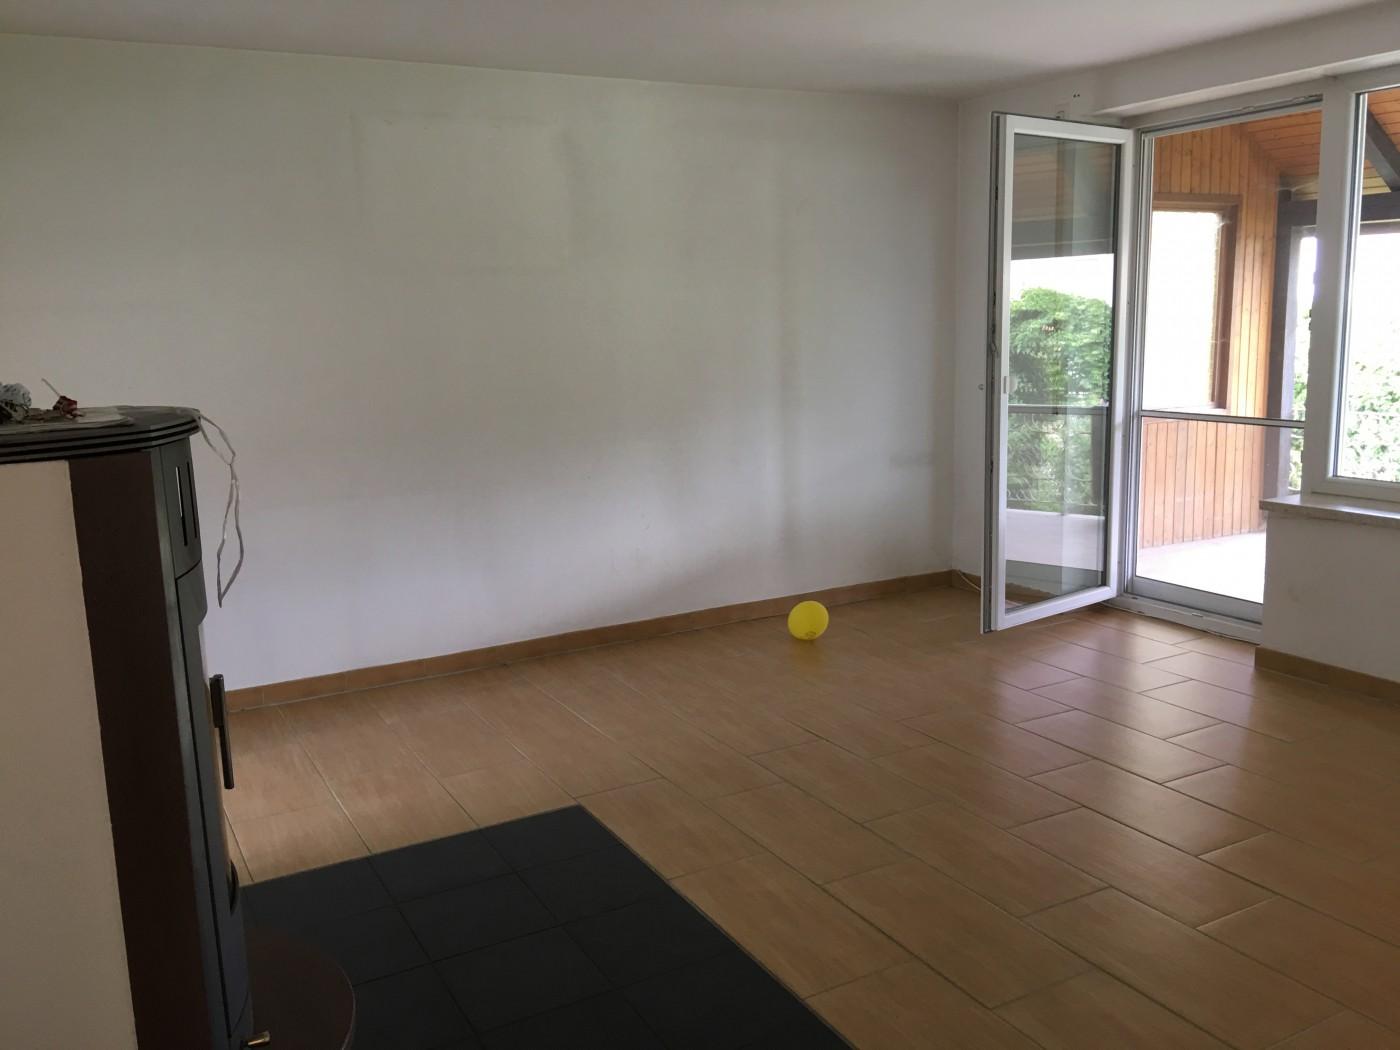 Bauer Fußboden Straubing ~ Immobilen straubing bogen kaufen und mieten